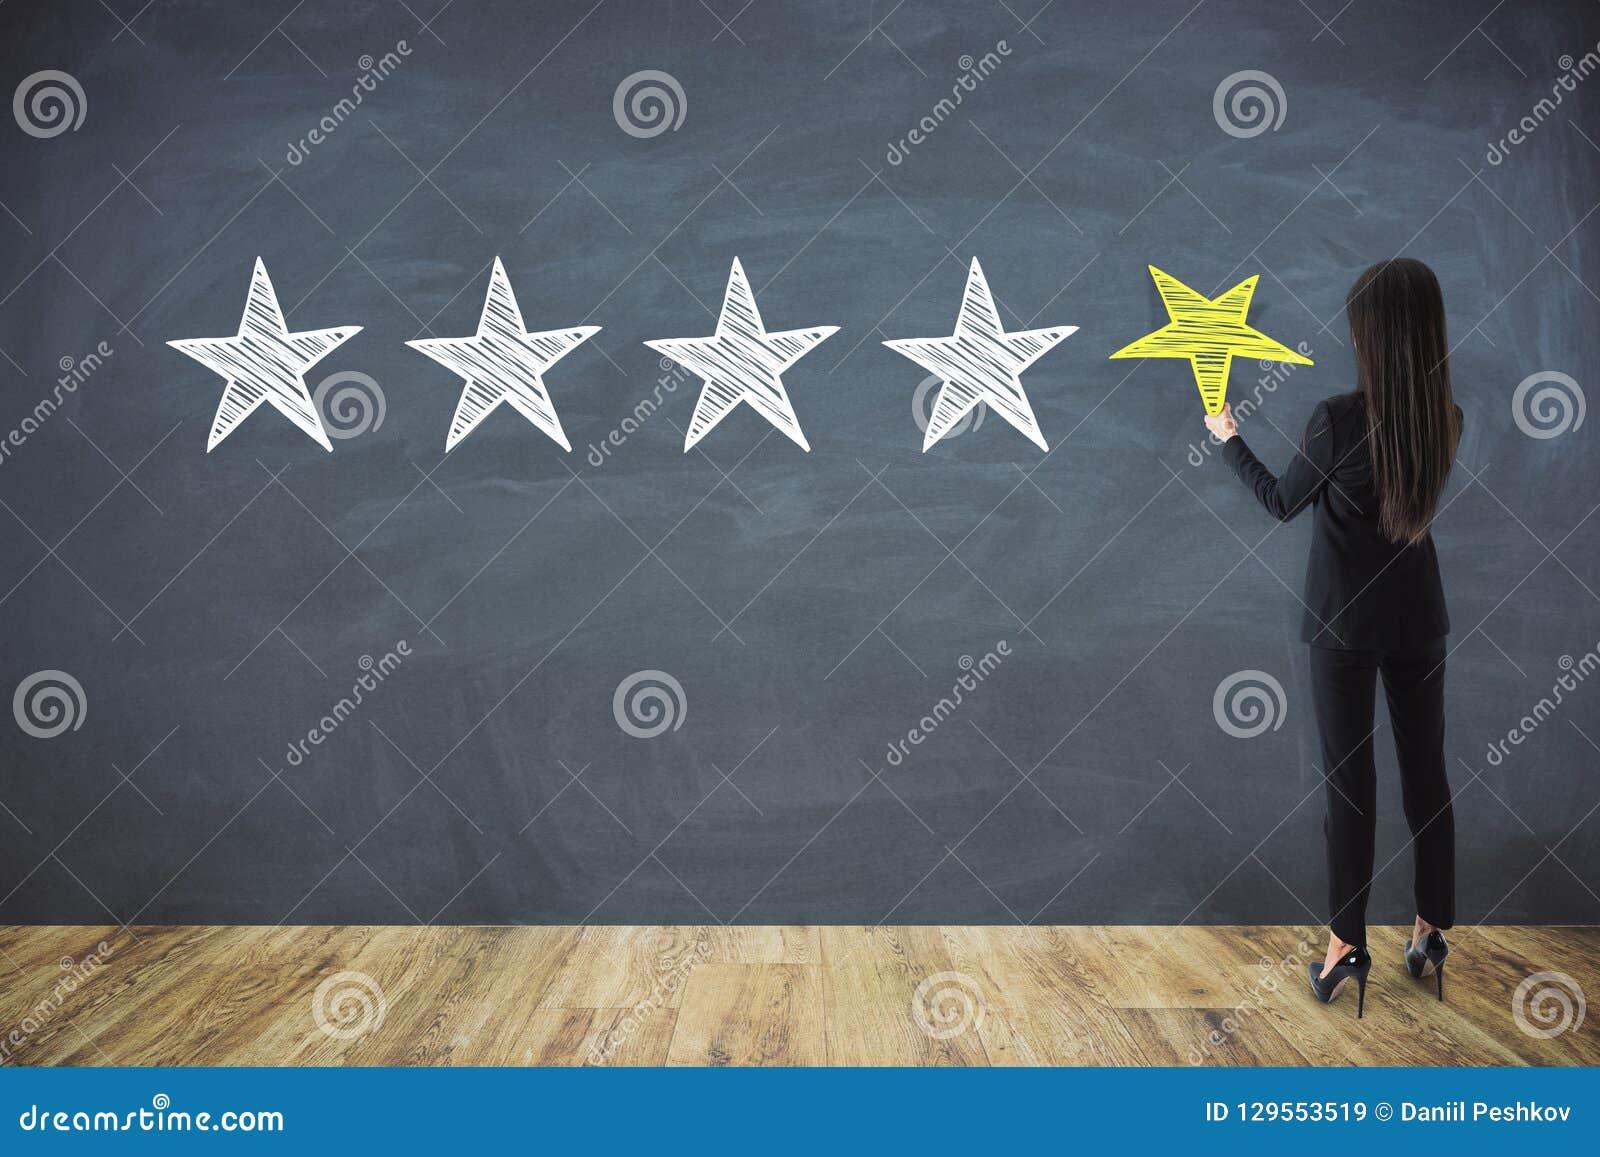 Bewertungs- und Bewertungskonzept